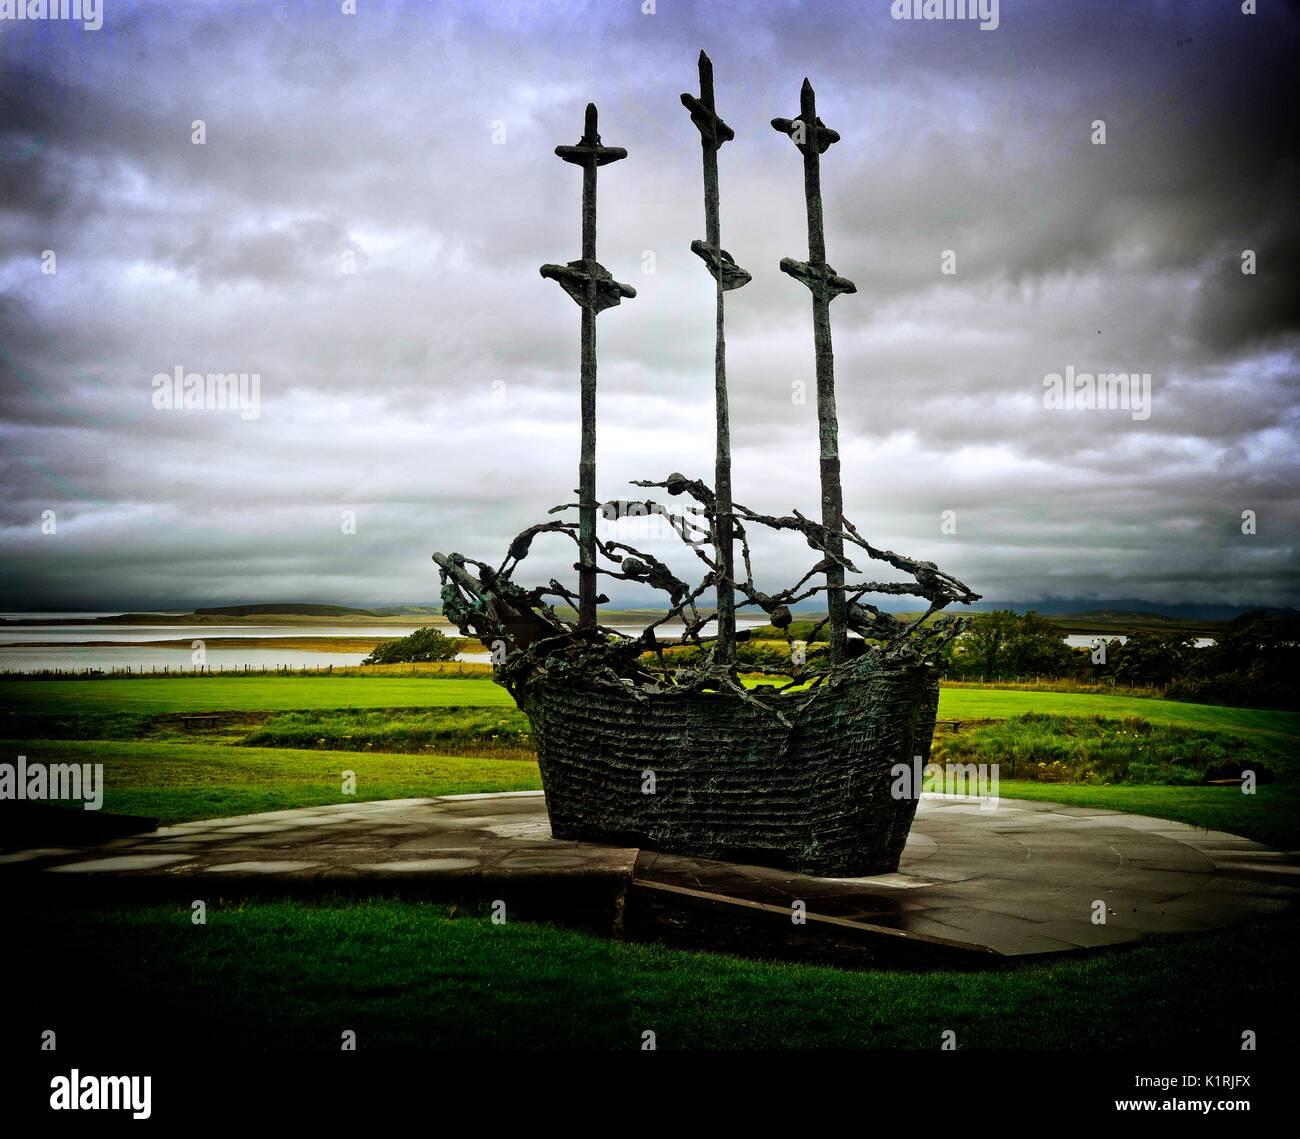 Ireland National Famine Monument, Westport Co. Mayo. - Stock Image